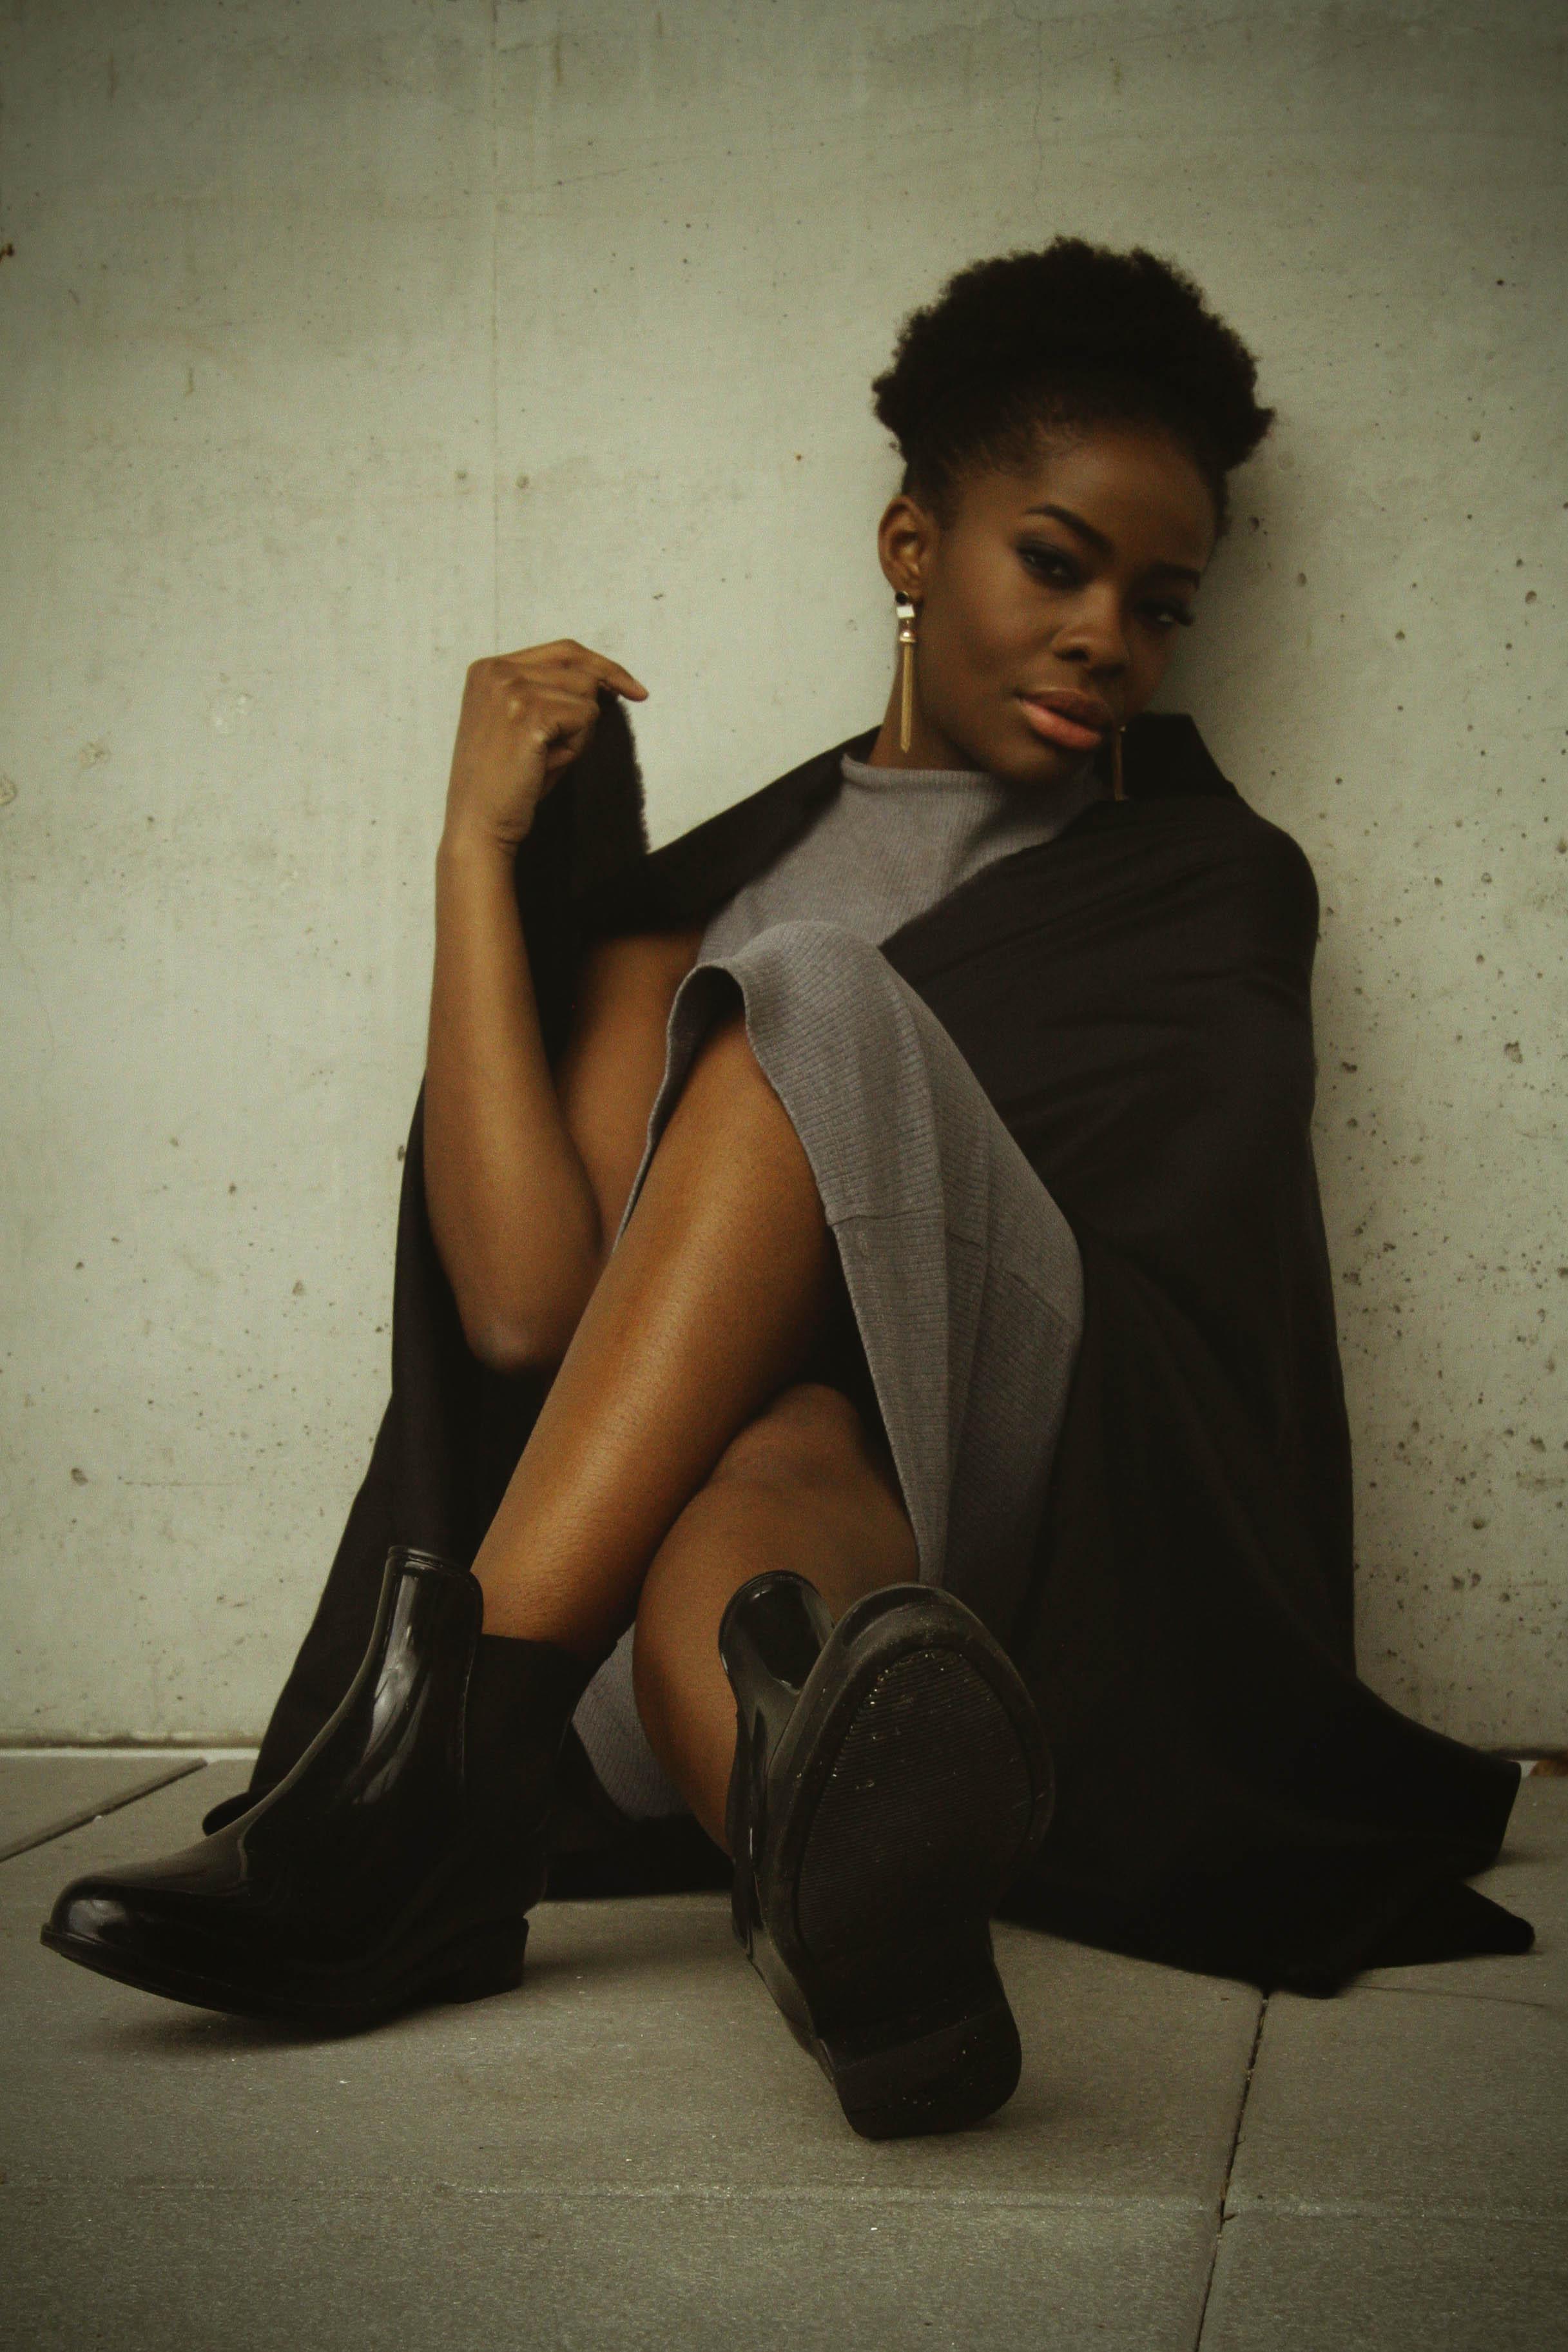 Fashion and Beauty MakeupPhoto credit: Jessi McMath